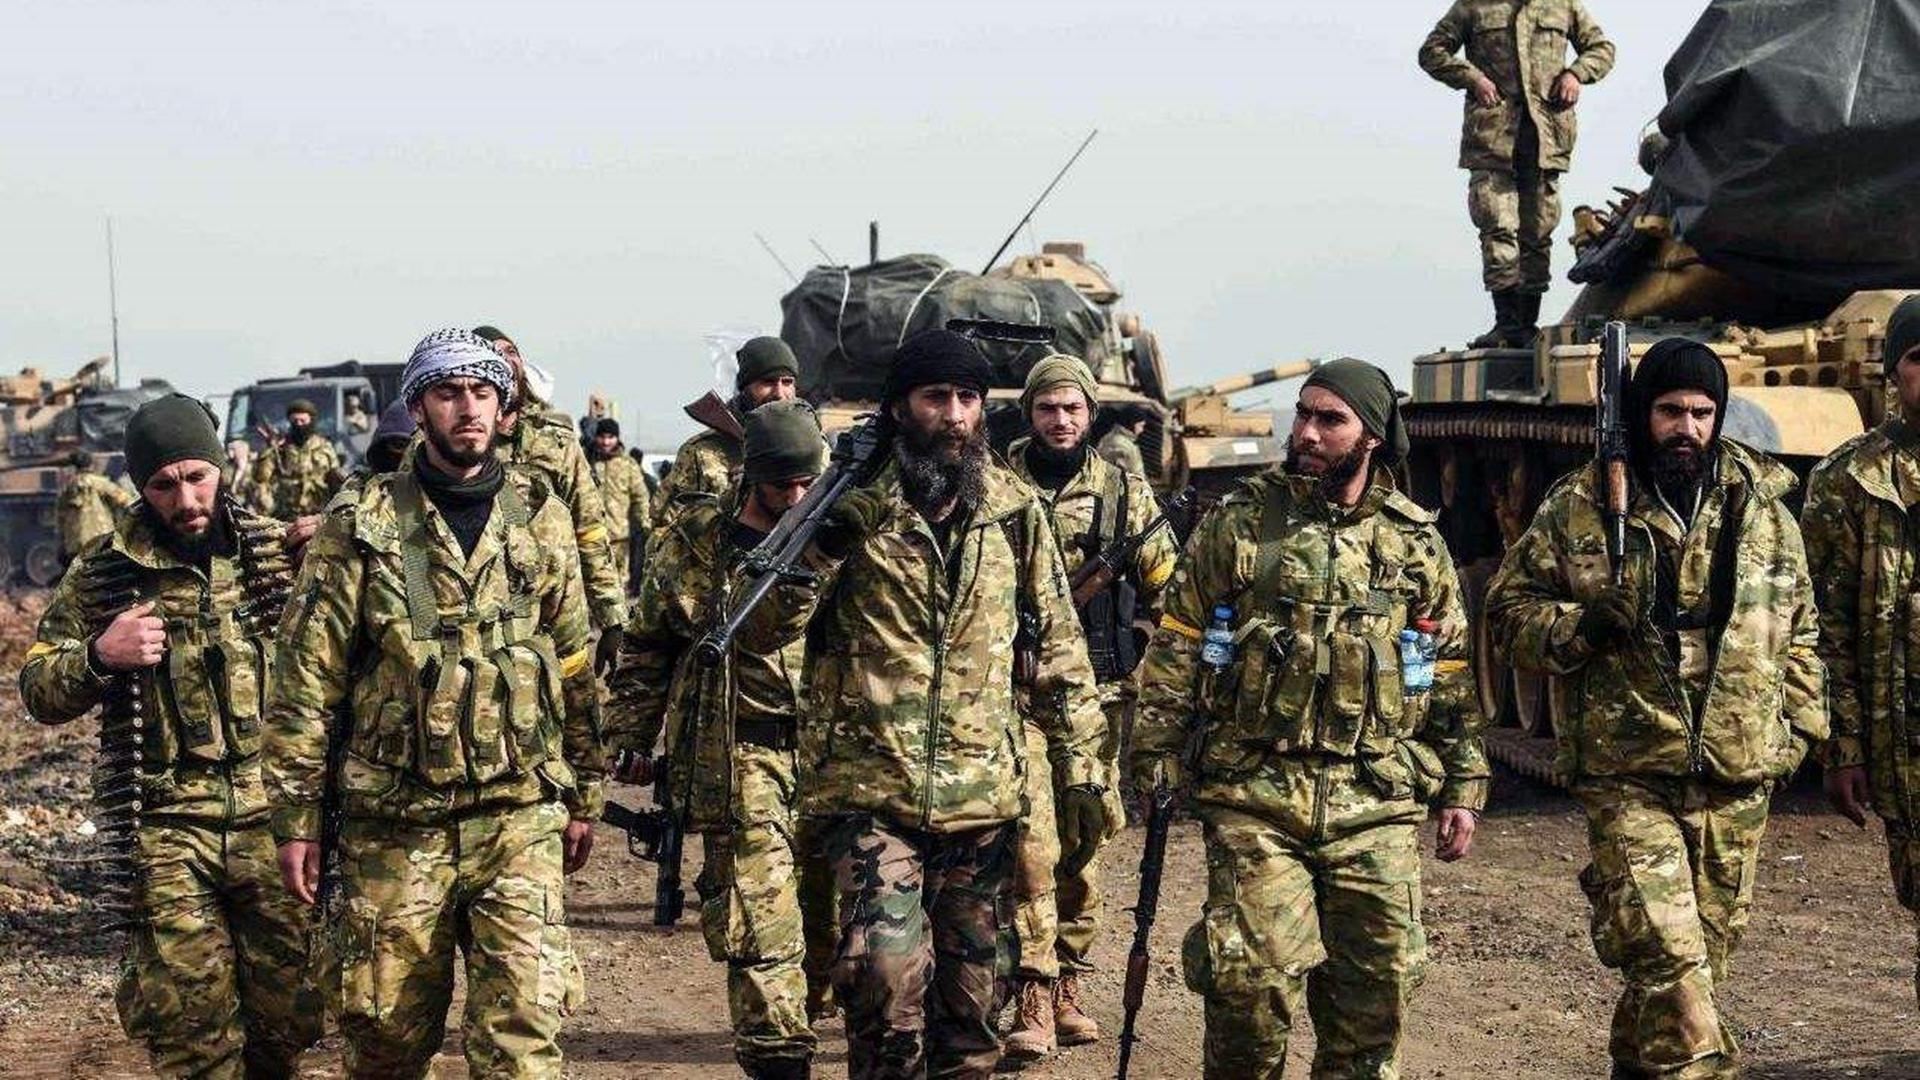 谁给这个国家的胆,敢挑衅中美俄三国?炮轰美军,现在还没人收拾